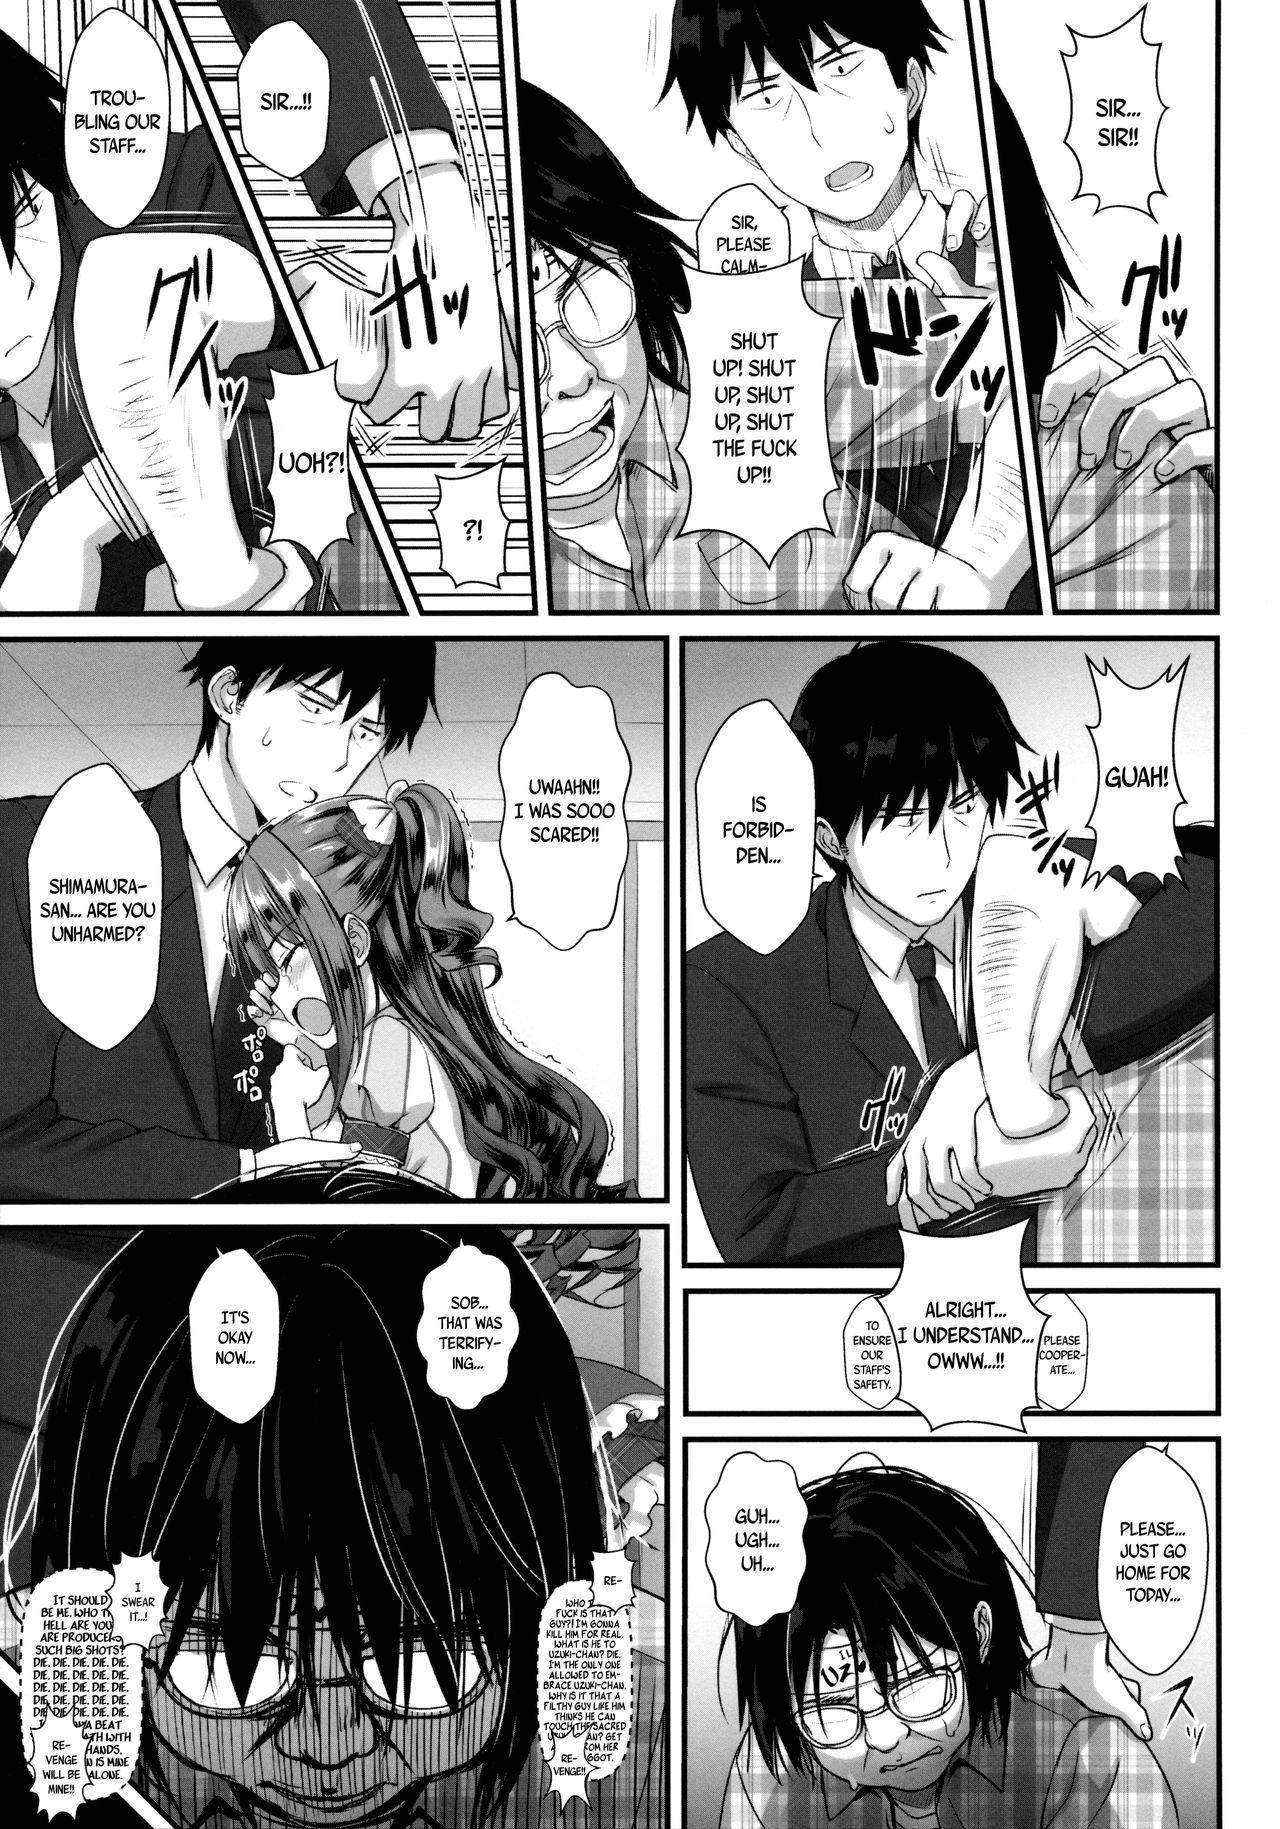 (C88) [Yakiniku Tabetai (Derauea)] Uzuki-chan no Suimin Kaihatsu ~Chiryou to Shoushita Honki no Kozukuri Sex~ | Uzuki-Chan's Sleep Development ~Real Baby-Making Sex Passed off as Treatment~ (THE IDOLM@STER CINDERELLA GIRLS) [English] [B.E.C. Scans] 3